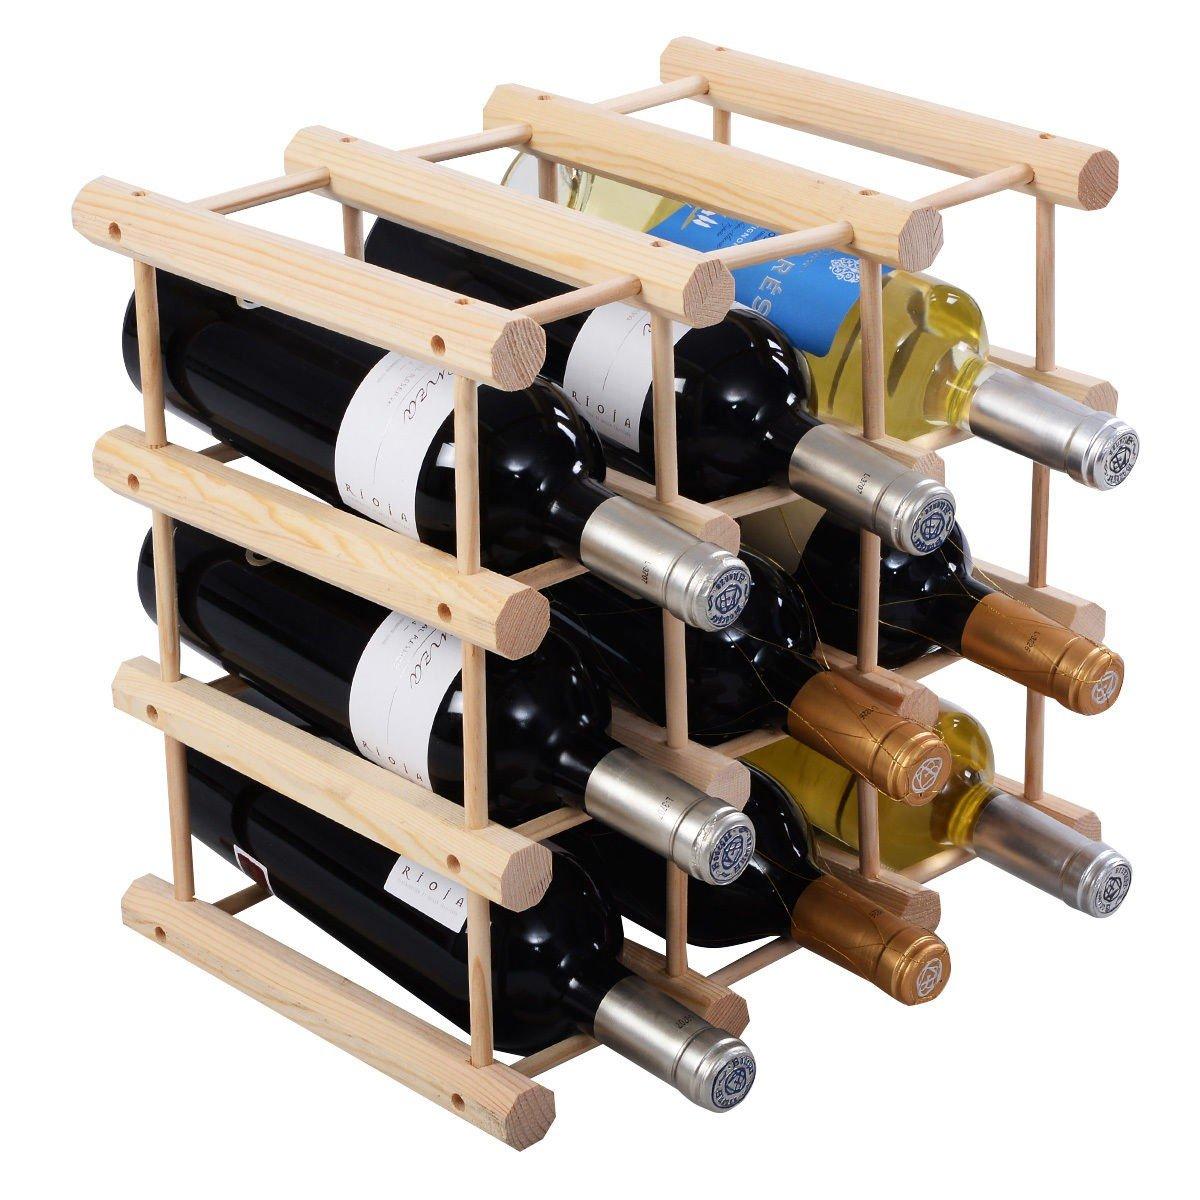 Custpromo Wooden Bottle Wine Rack Holder Stackable Wine Display and Storage Rack for 12/24/40/44/72 Bottles (12 Bottles)